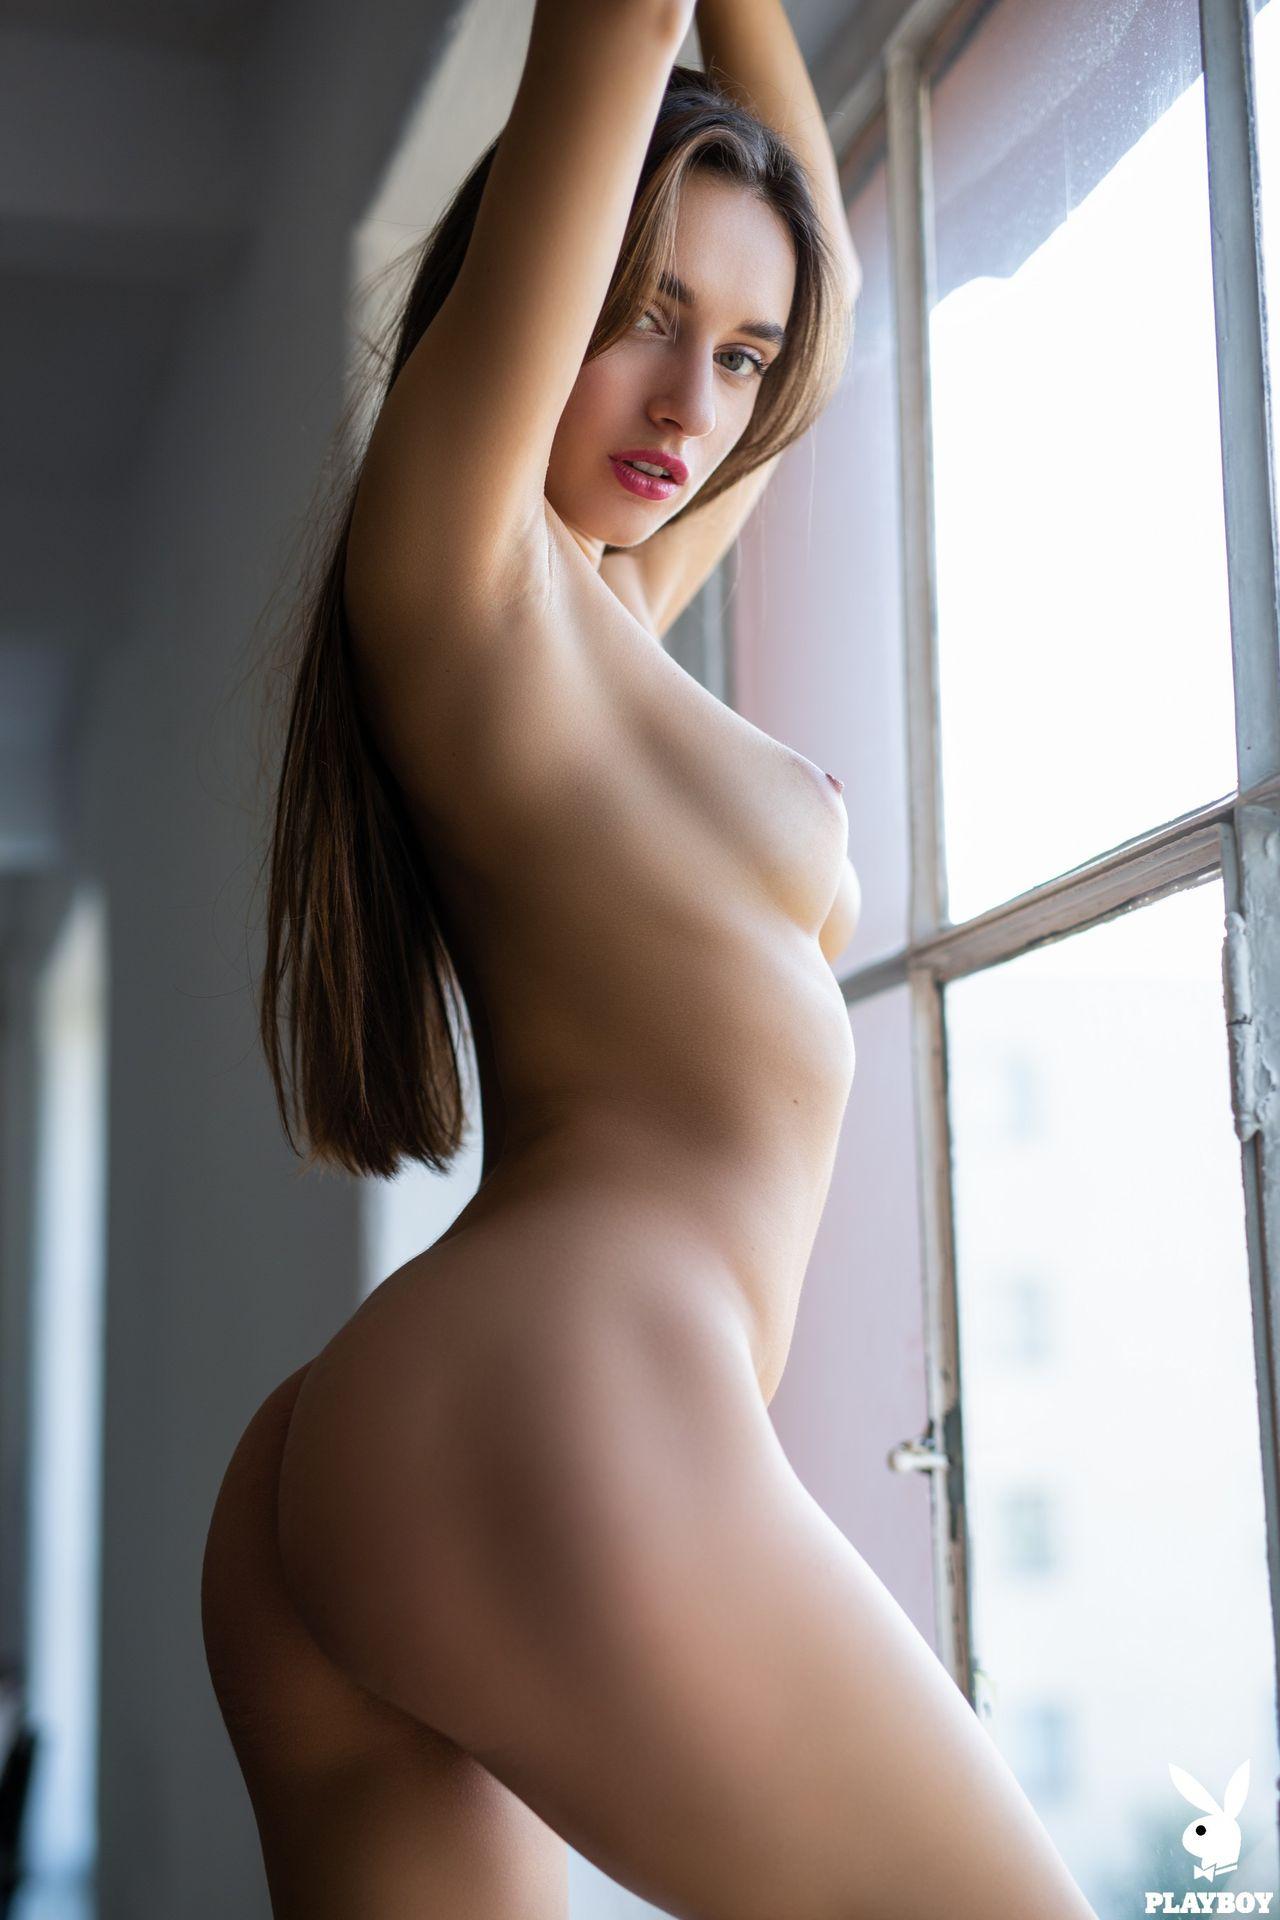 glamour Sensual models erotic